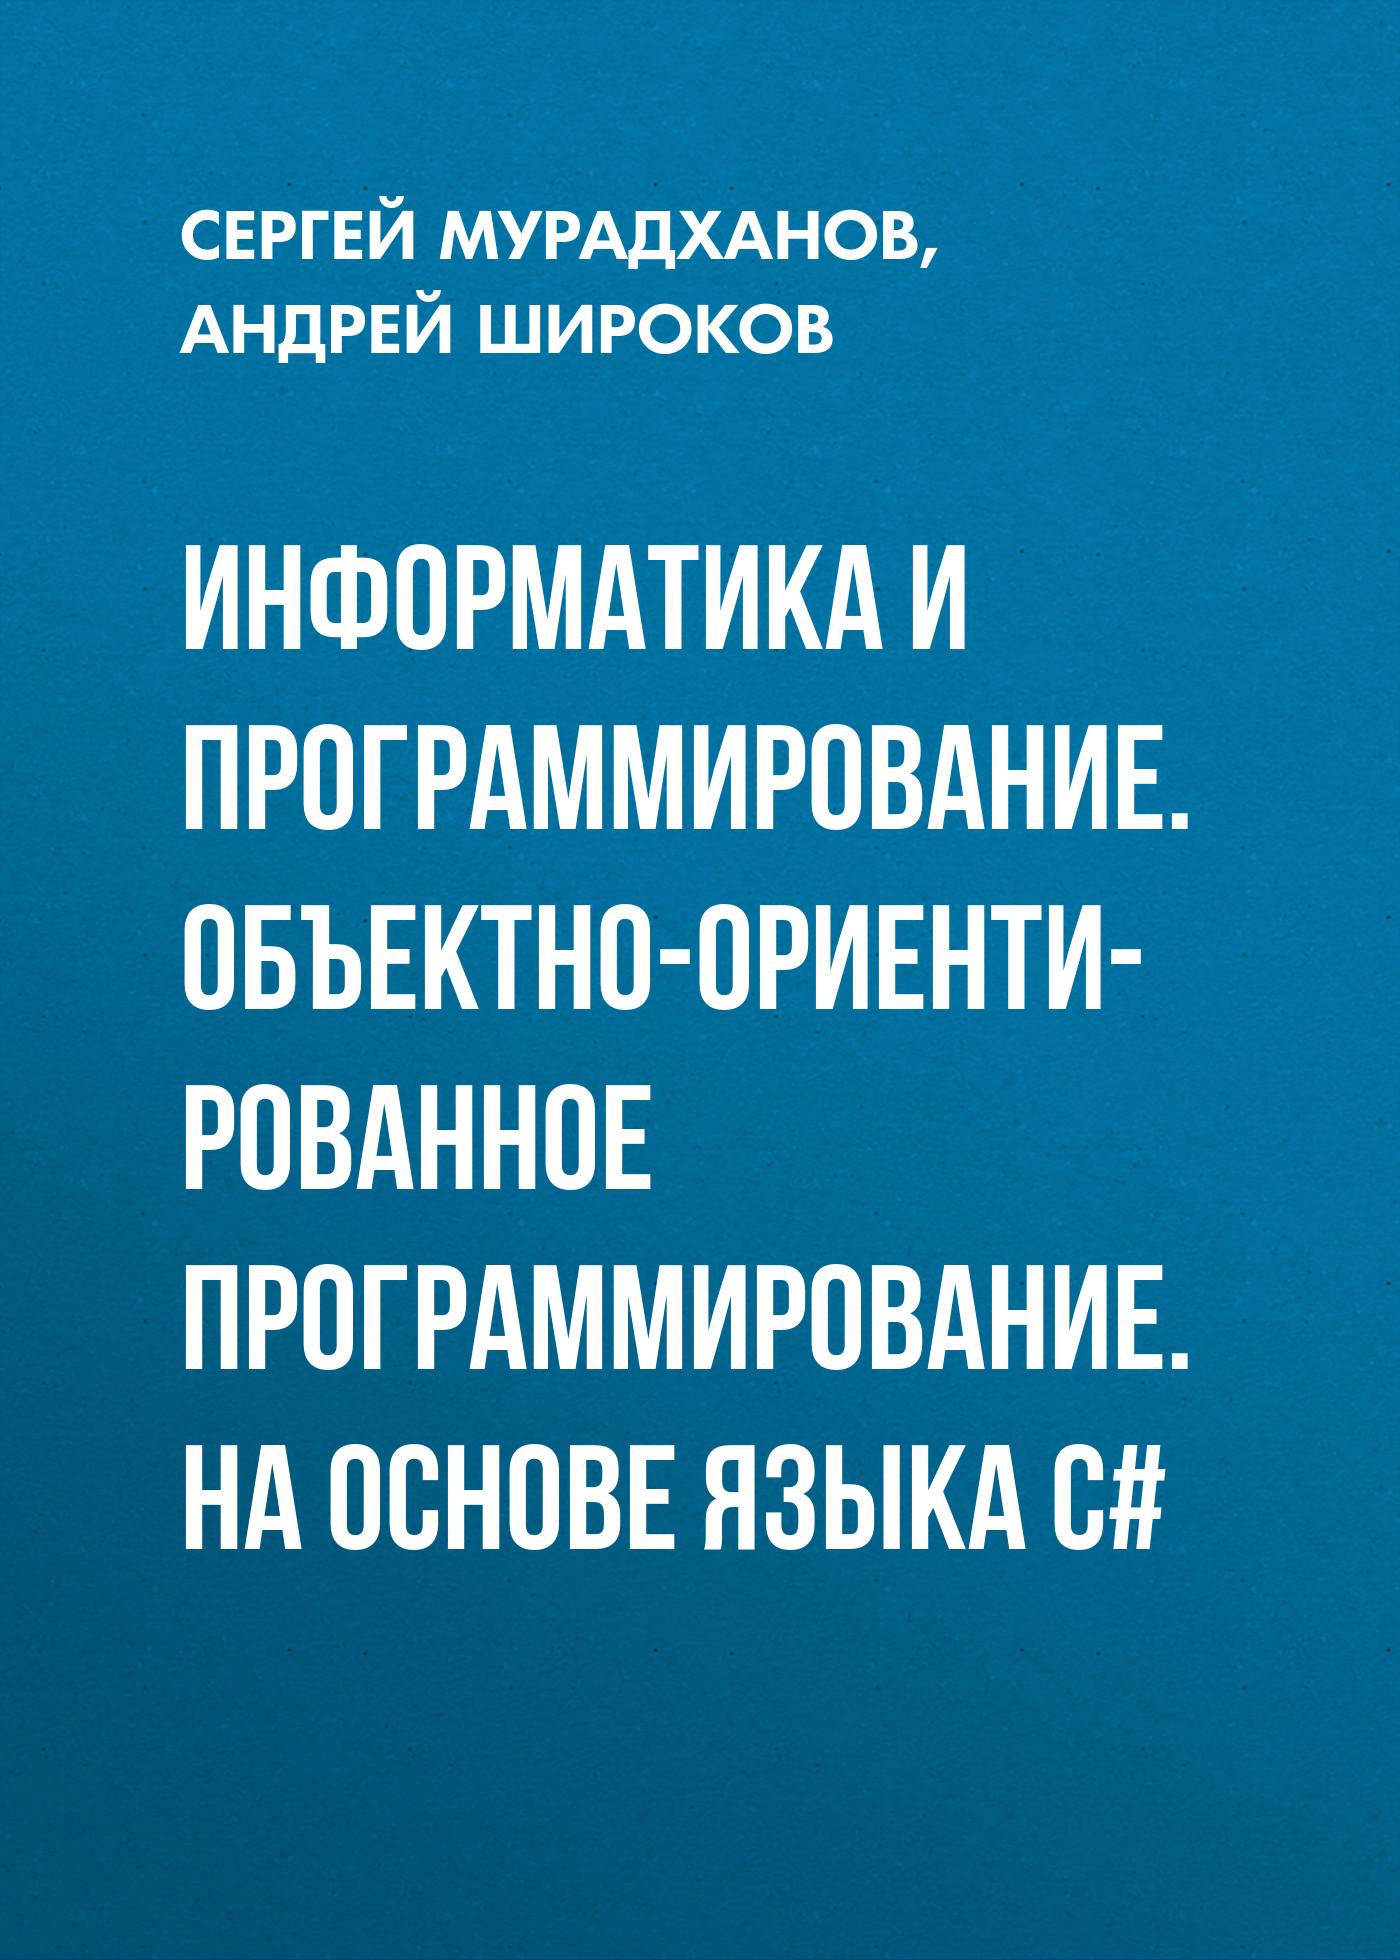 Андрей Широков Информатика и программирование. Объектно-ориентированное программирование. На основе языка С# даниил лисицин объектно ориентированное программирование конспект лекций